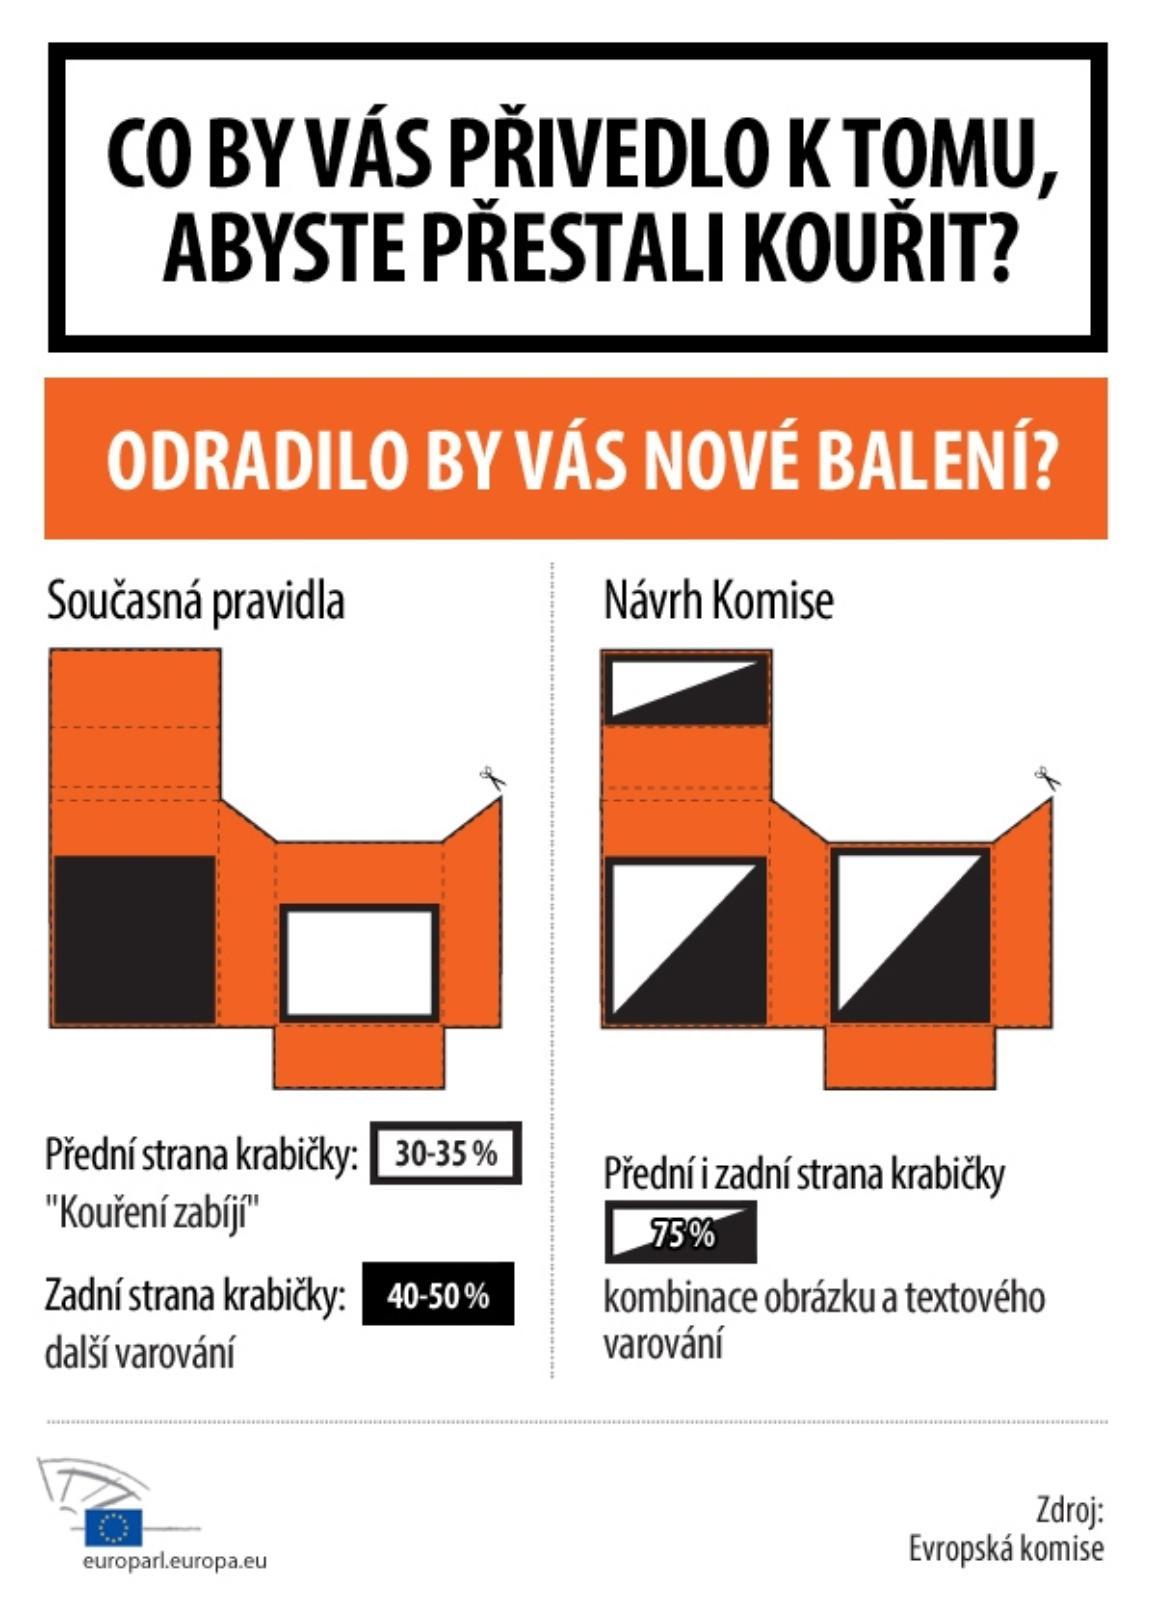 Infografika o návrhu Komise na nové balení cigaret